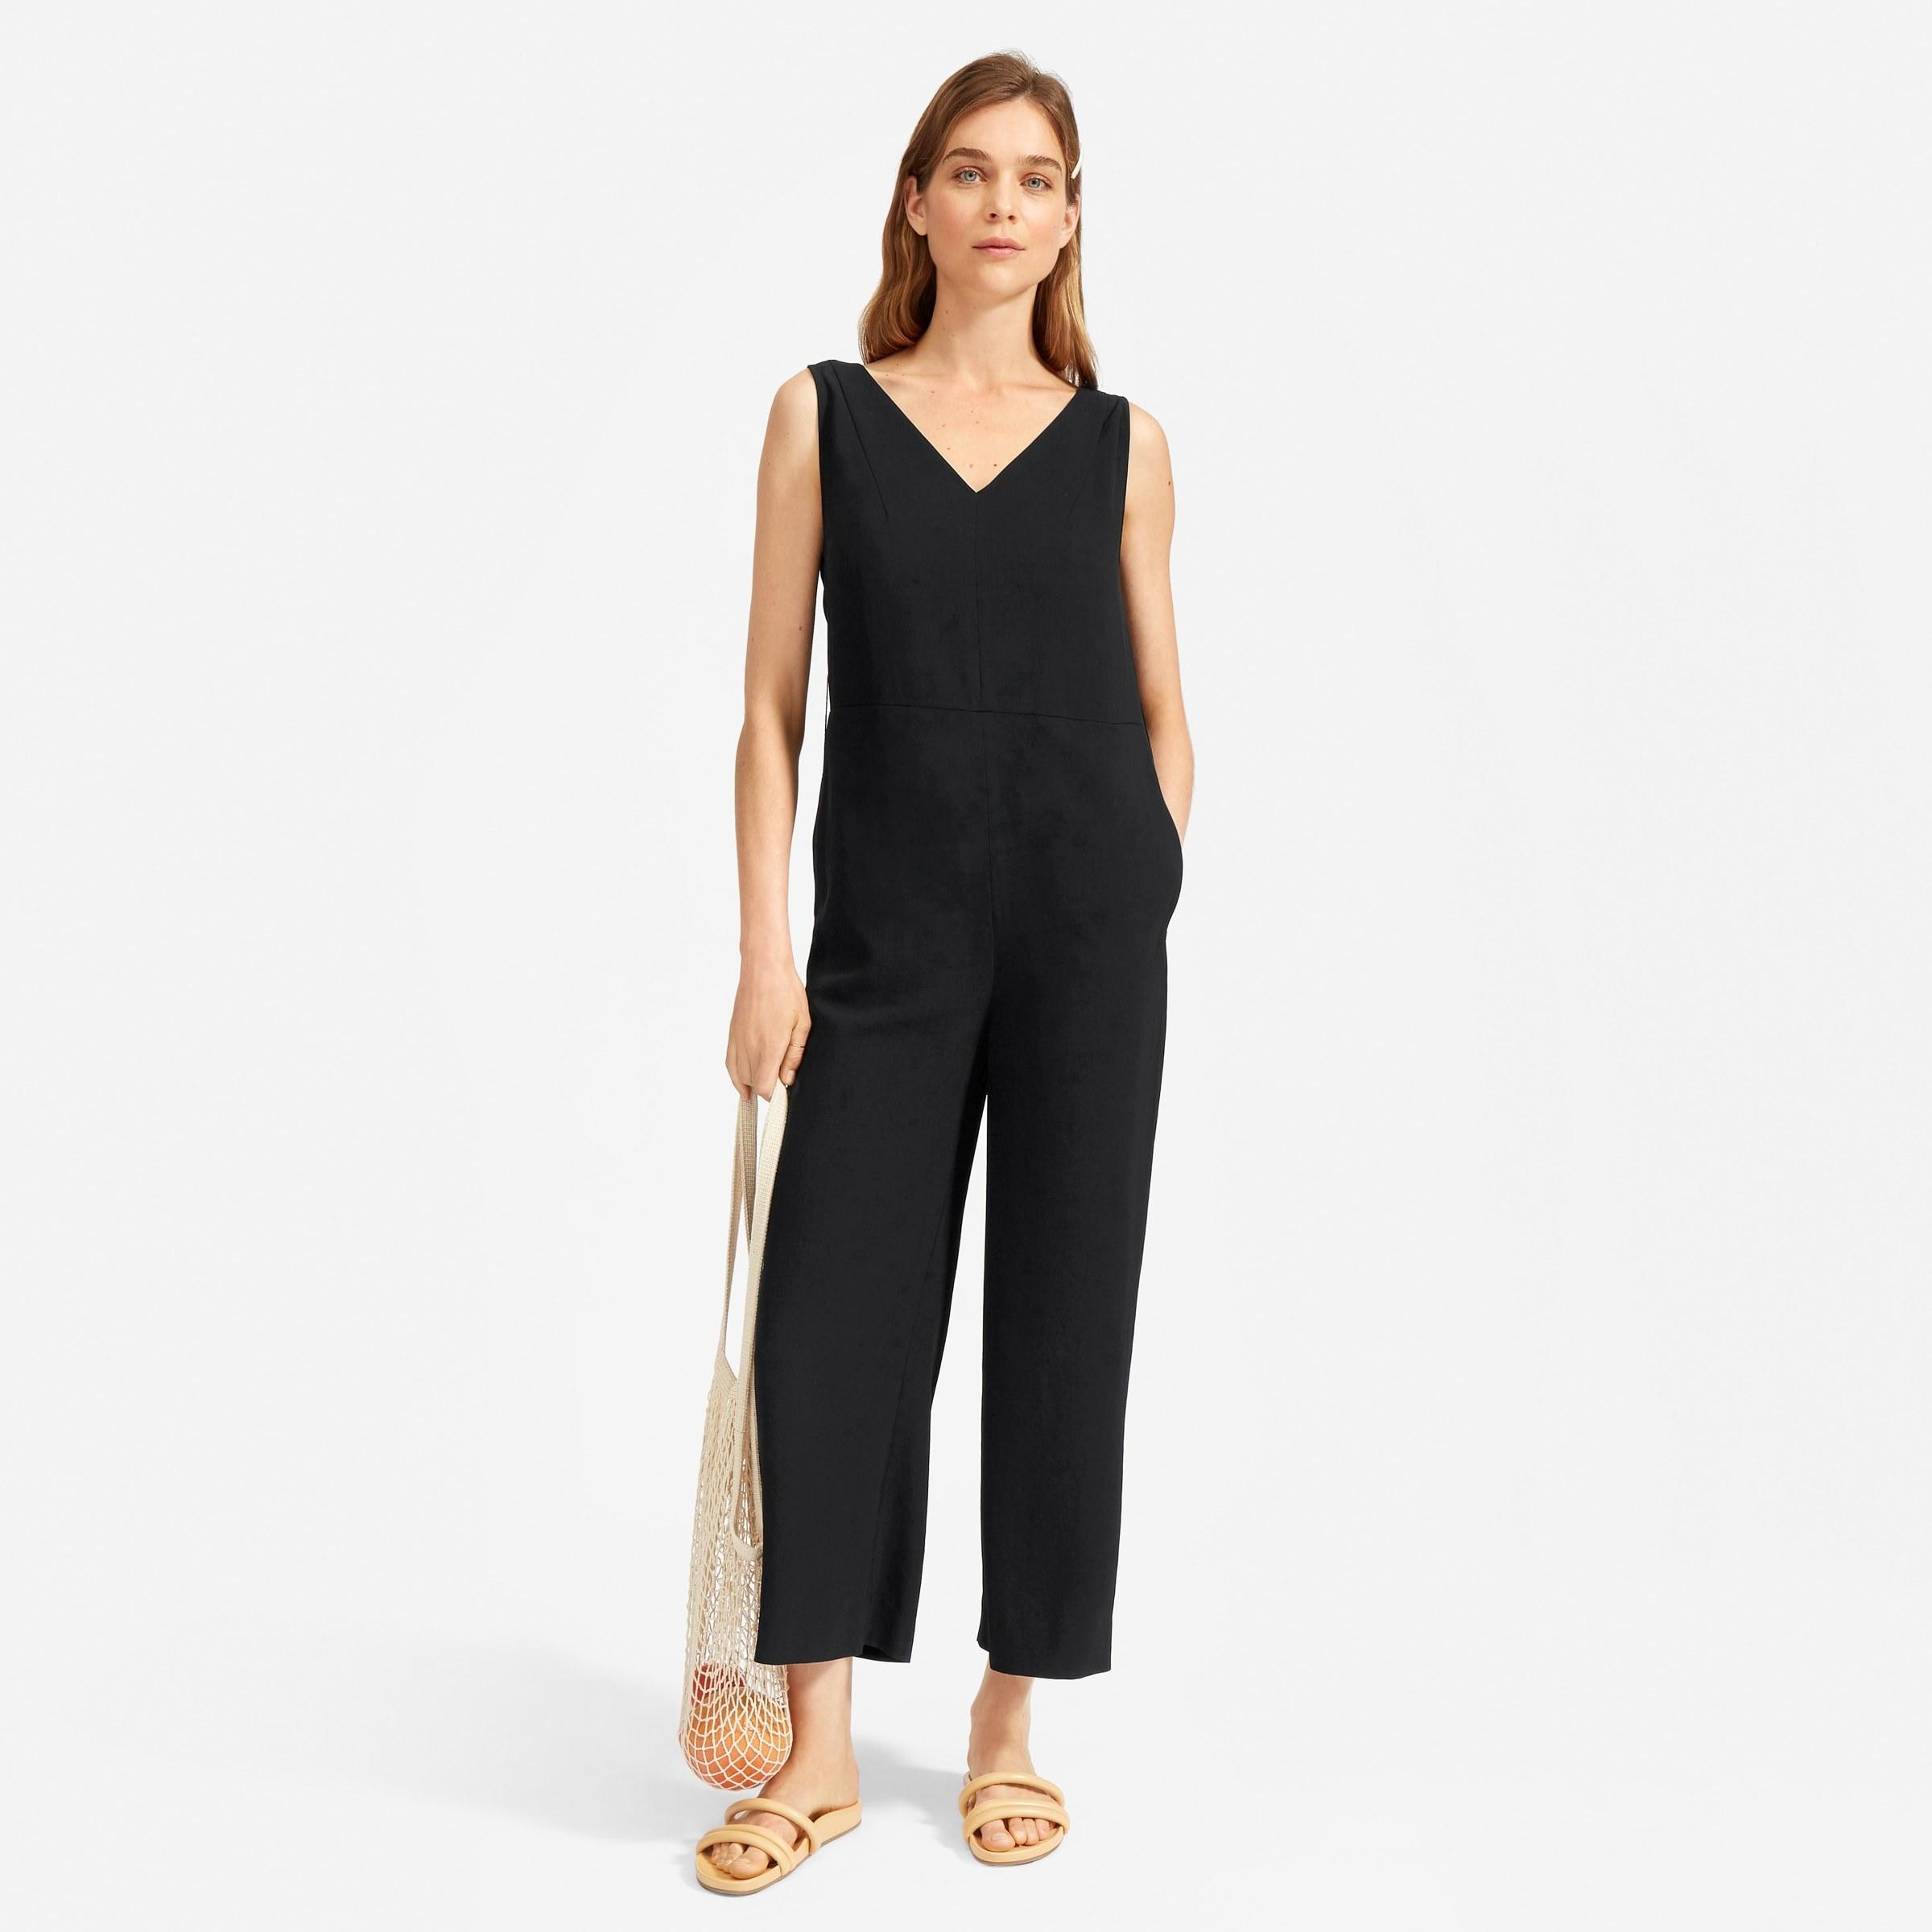 model wearing the v-neck ankle-length jumpsuit in black